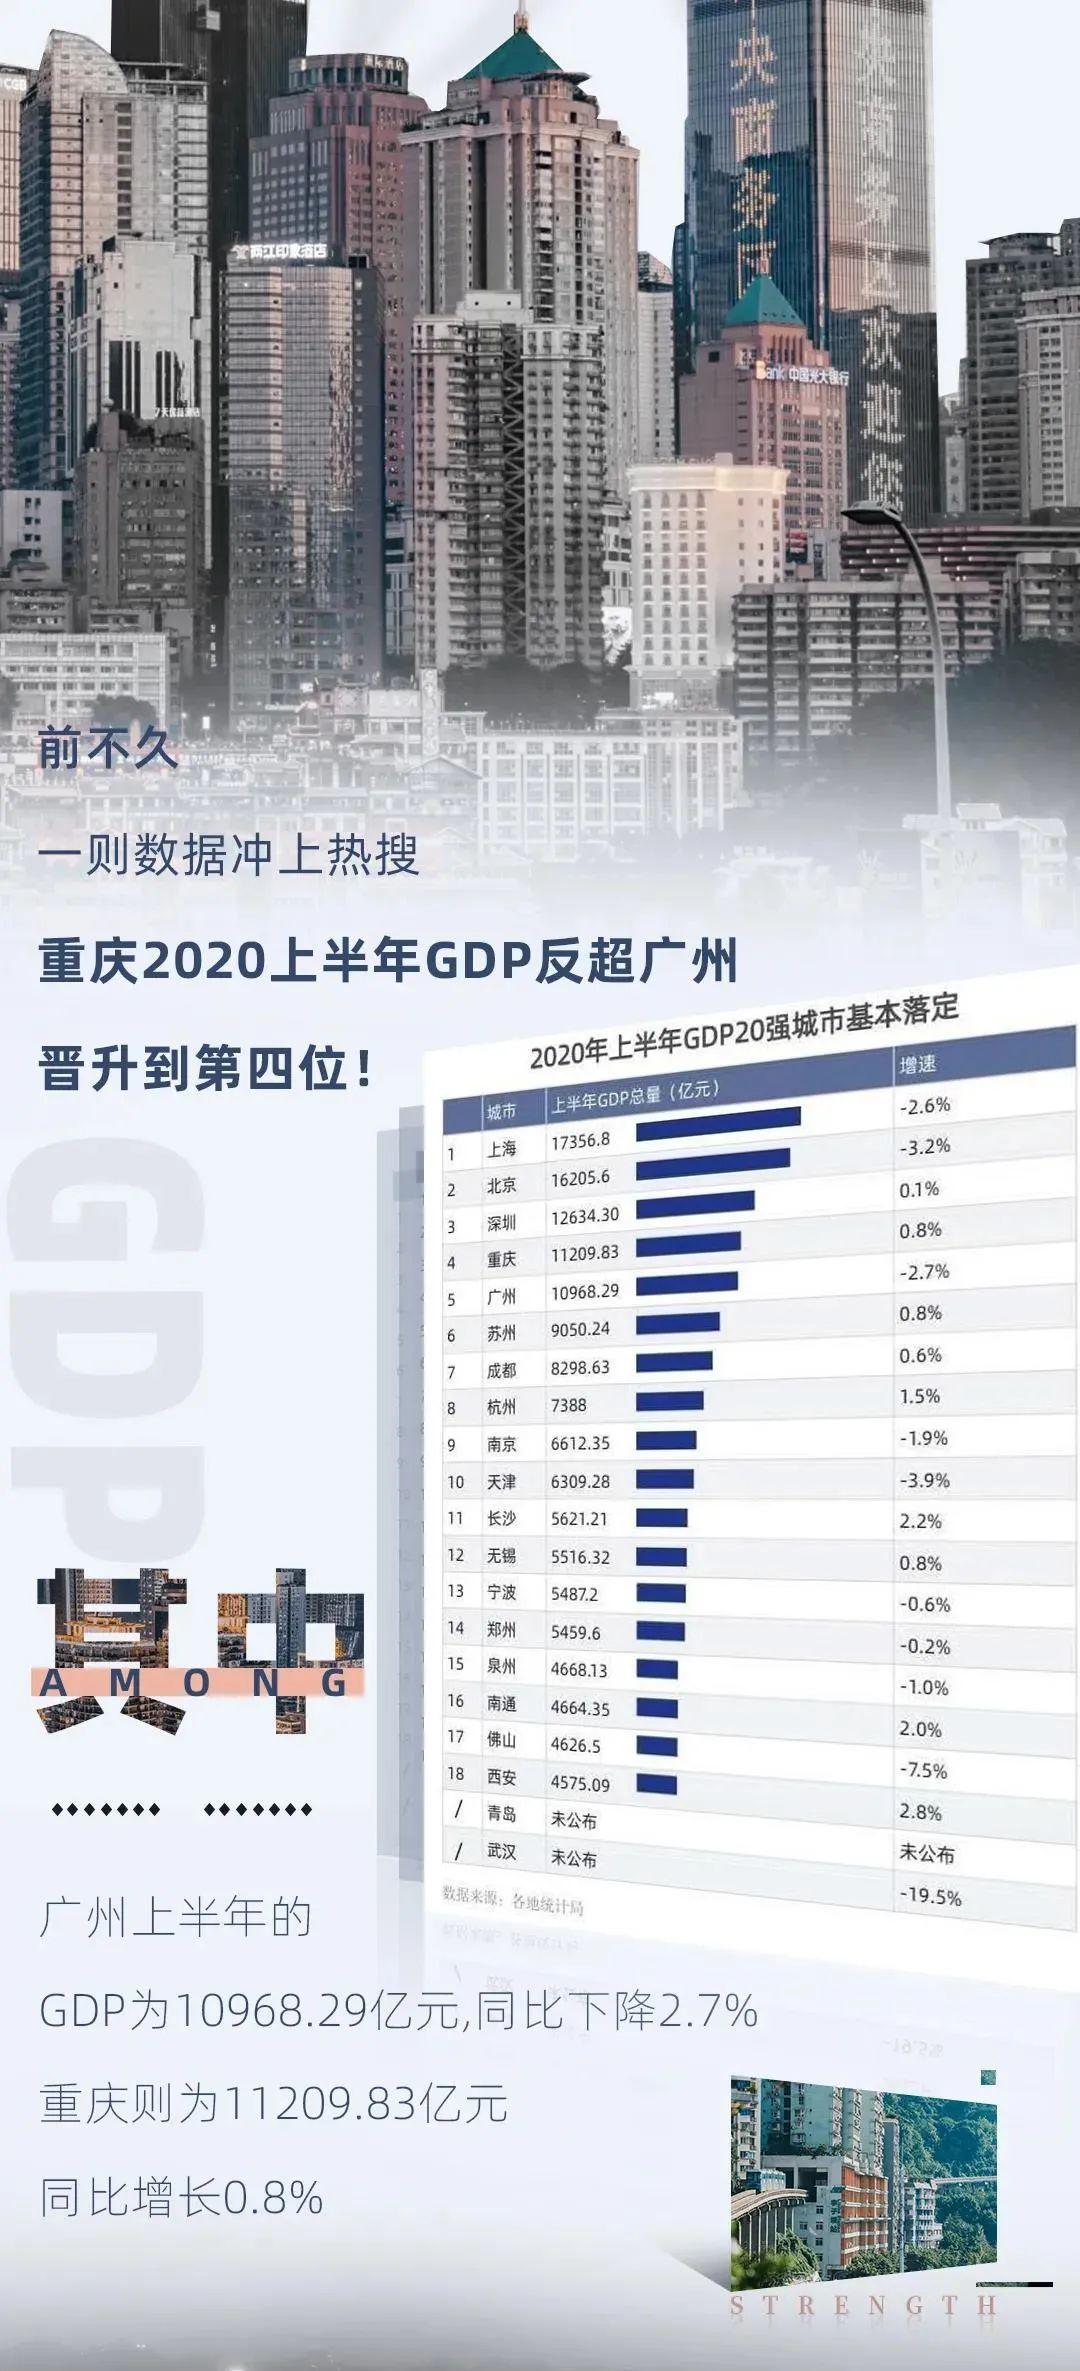 重庆市2020年各个区县gdp_经典 重庆40区县 99年至08年 十年GDP总量 分析